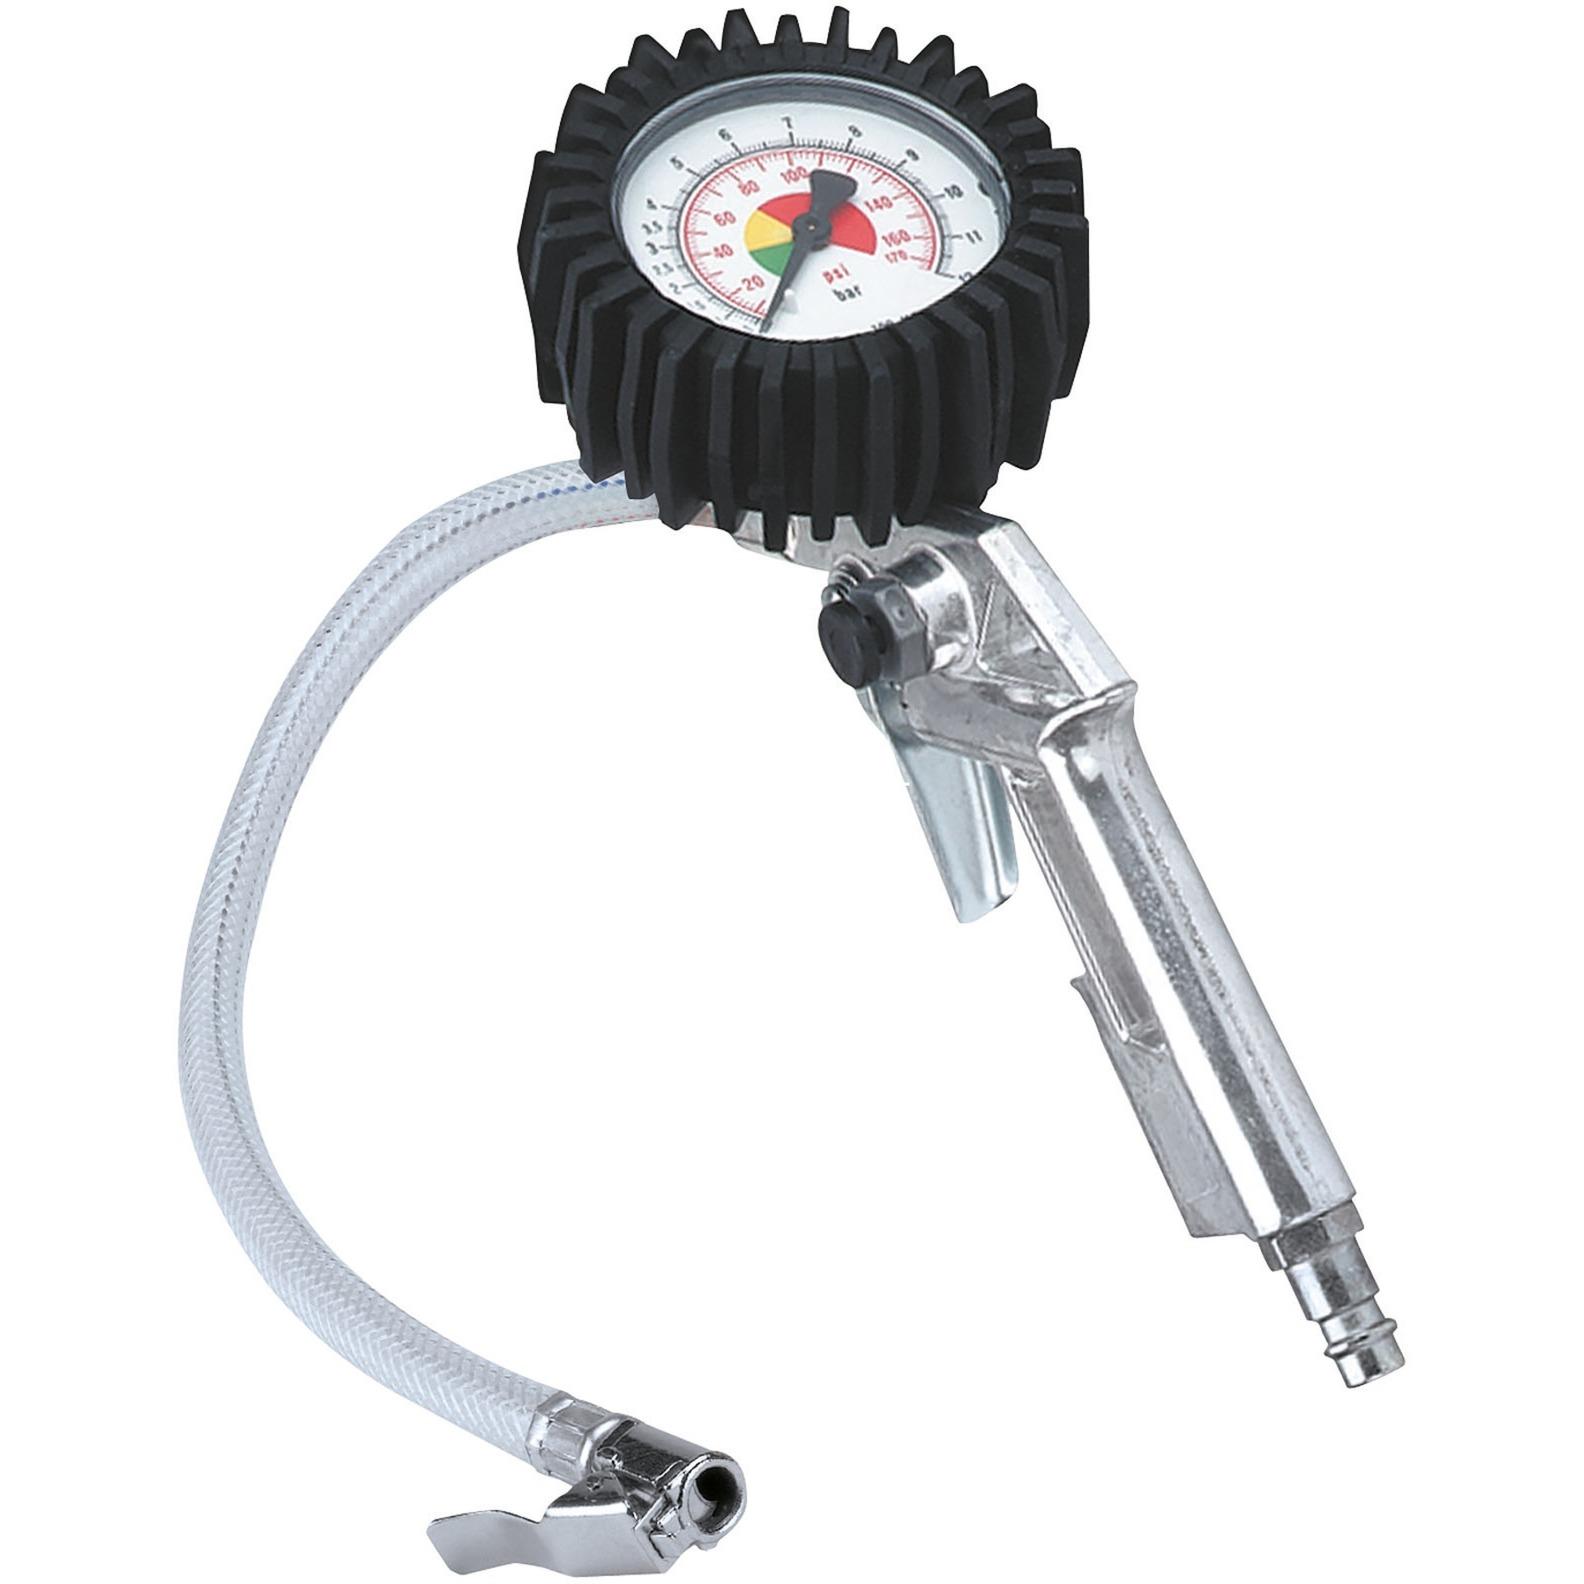 4137000 manómetro para neumáticos Manómetro analógico 0 - 8 bar, Equipos de llenado de neumáticos